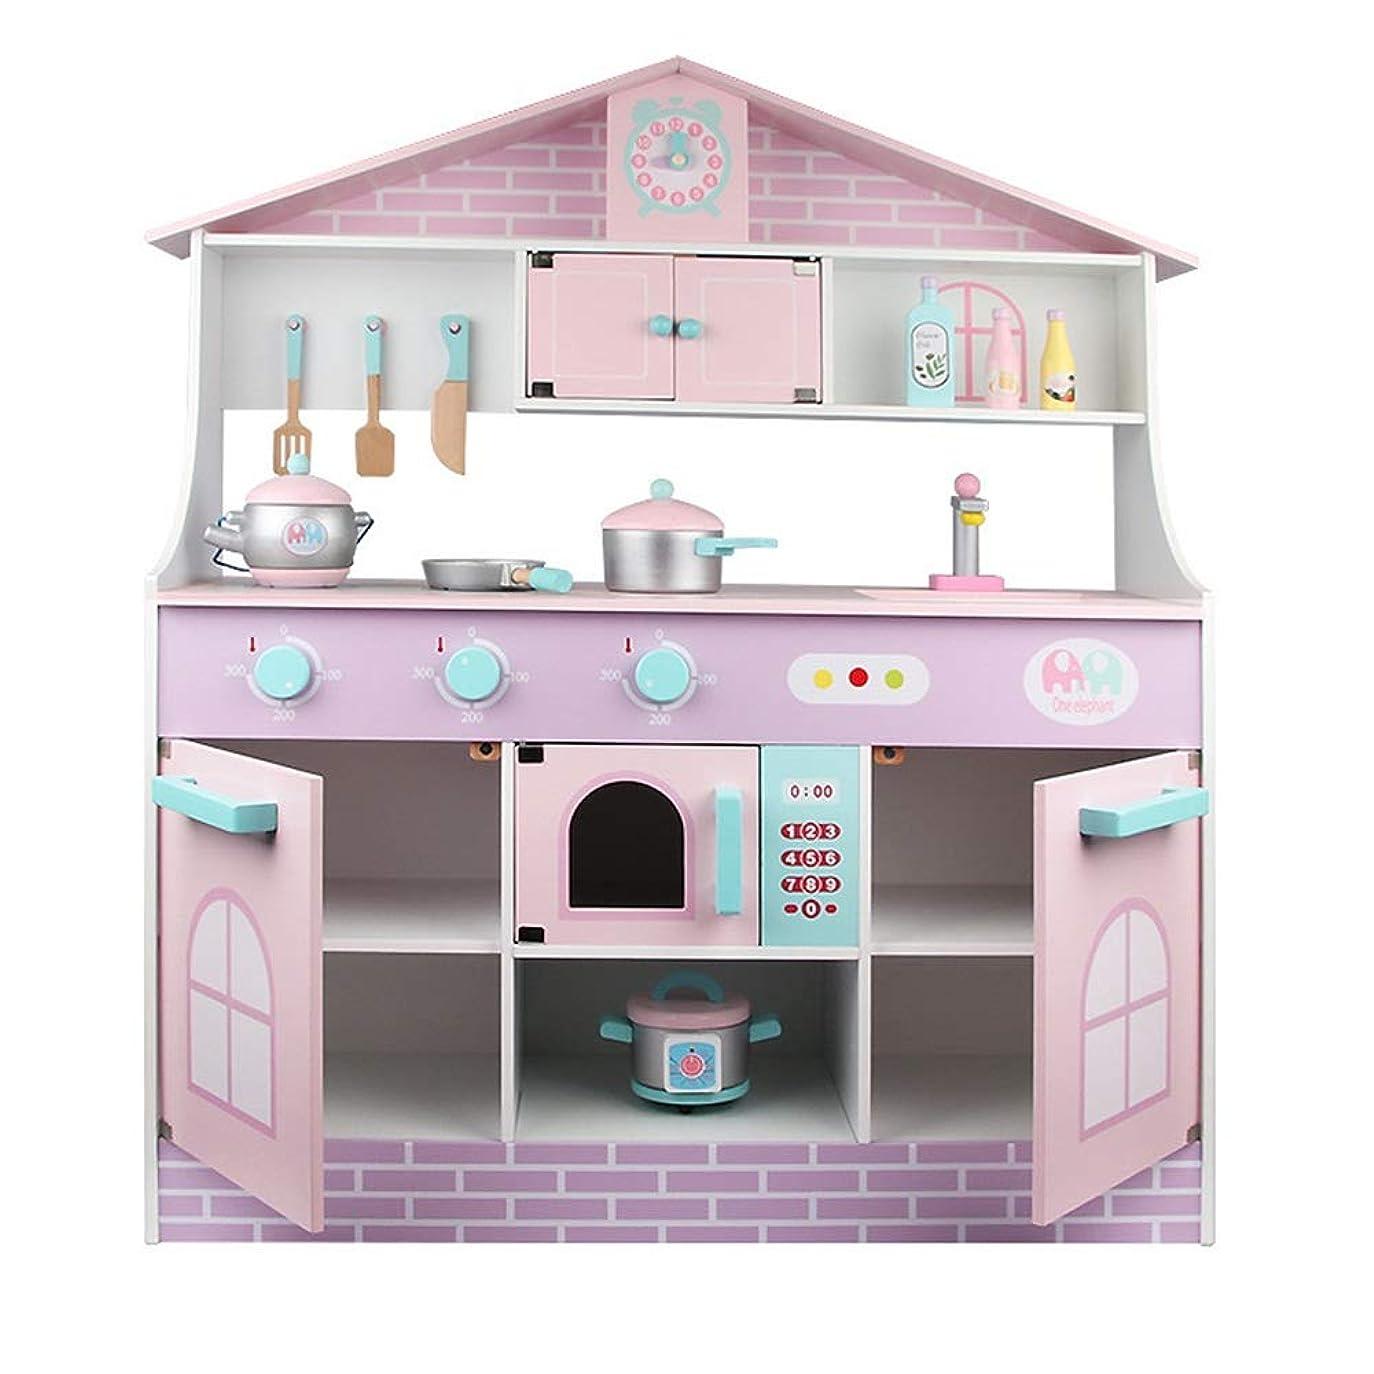 手首校長スクワイアキッチンおもちゃ ごっこ遊び木製おもちゃのための幼児キッズキッチンPlaysetsのためにキッチンを再生します 調理器具?食器 (色 : As picture, Size : 81.5x28.5x94.5cm)